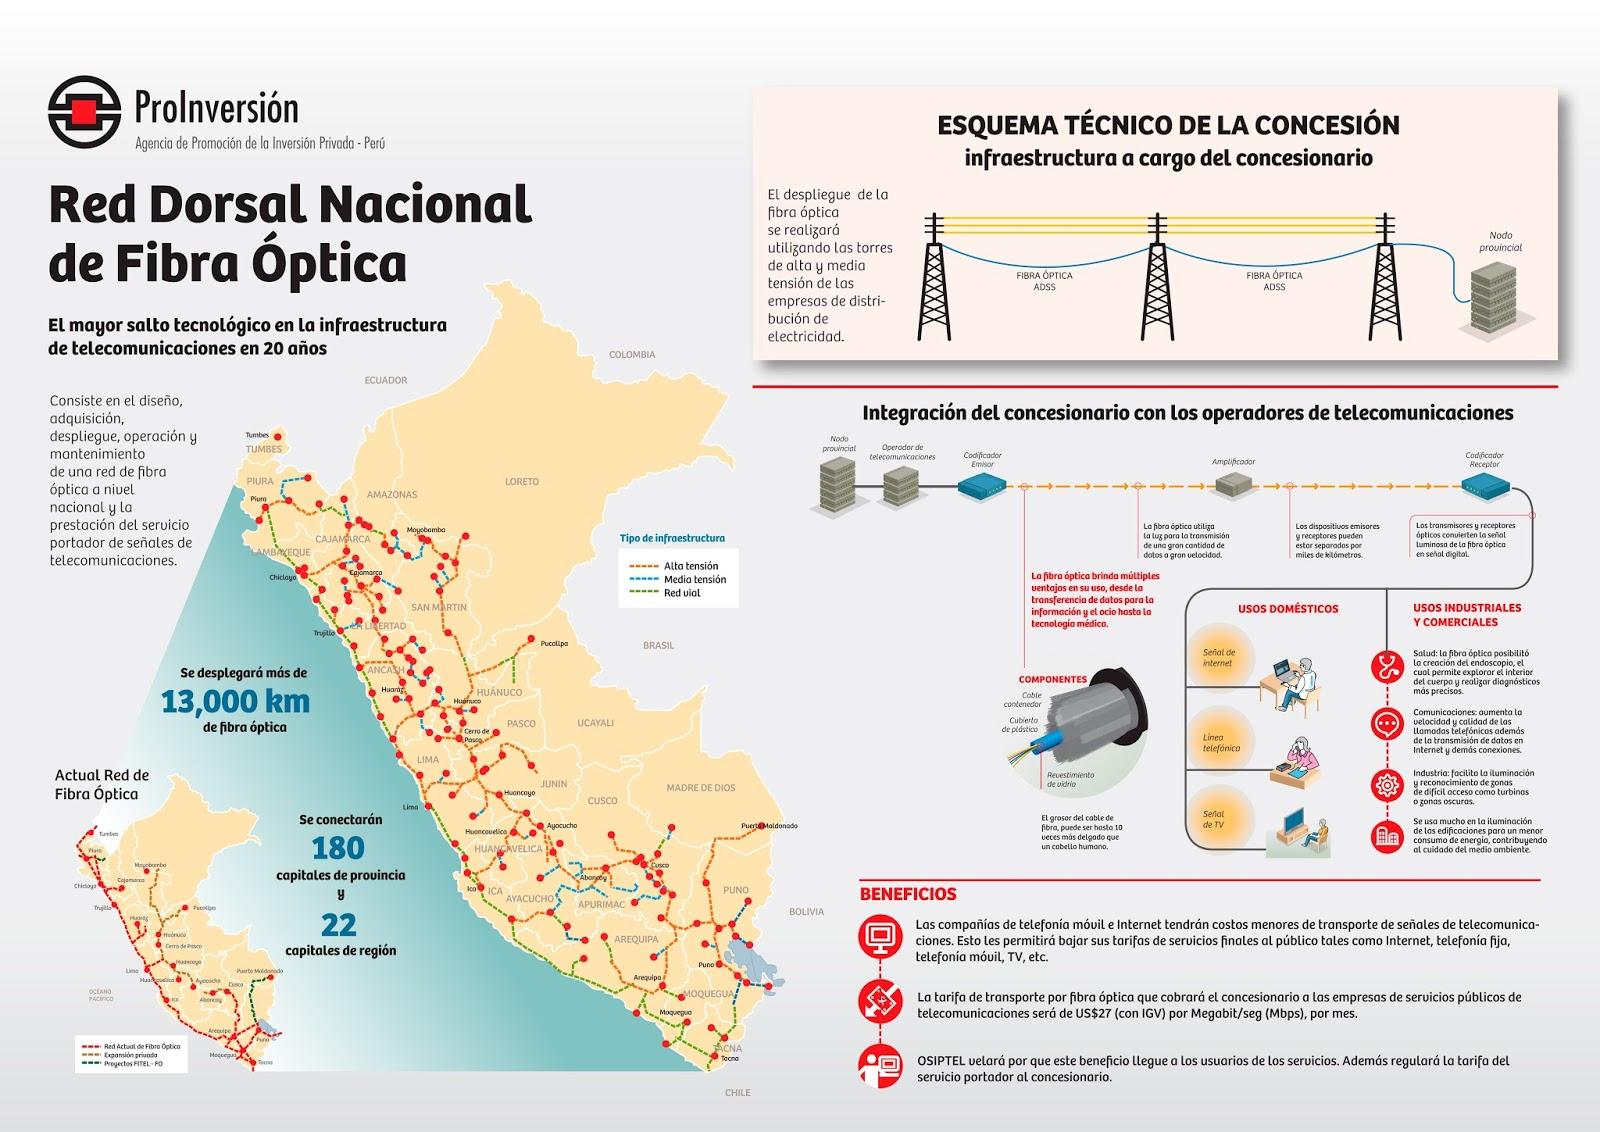 Red Dorsal Nacional de Fibra Óptica Perú